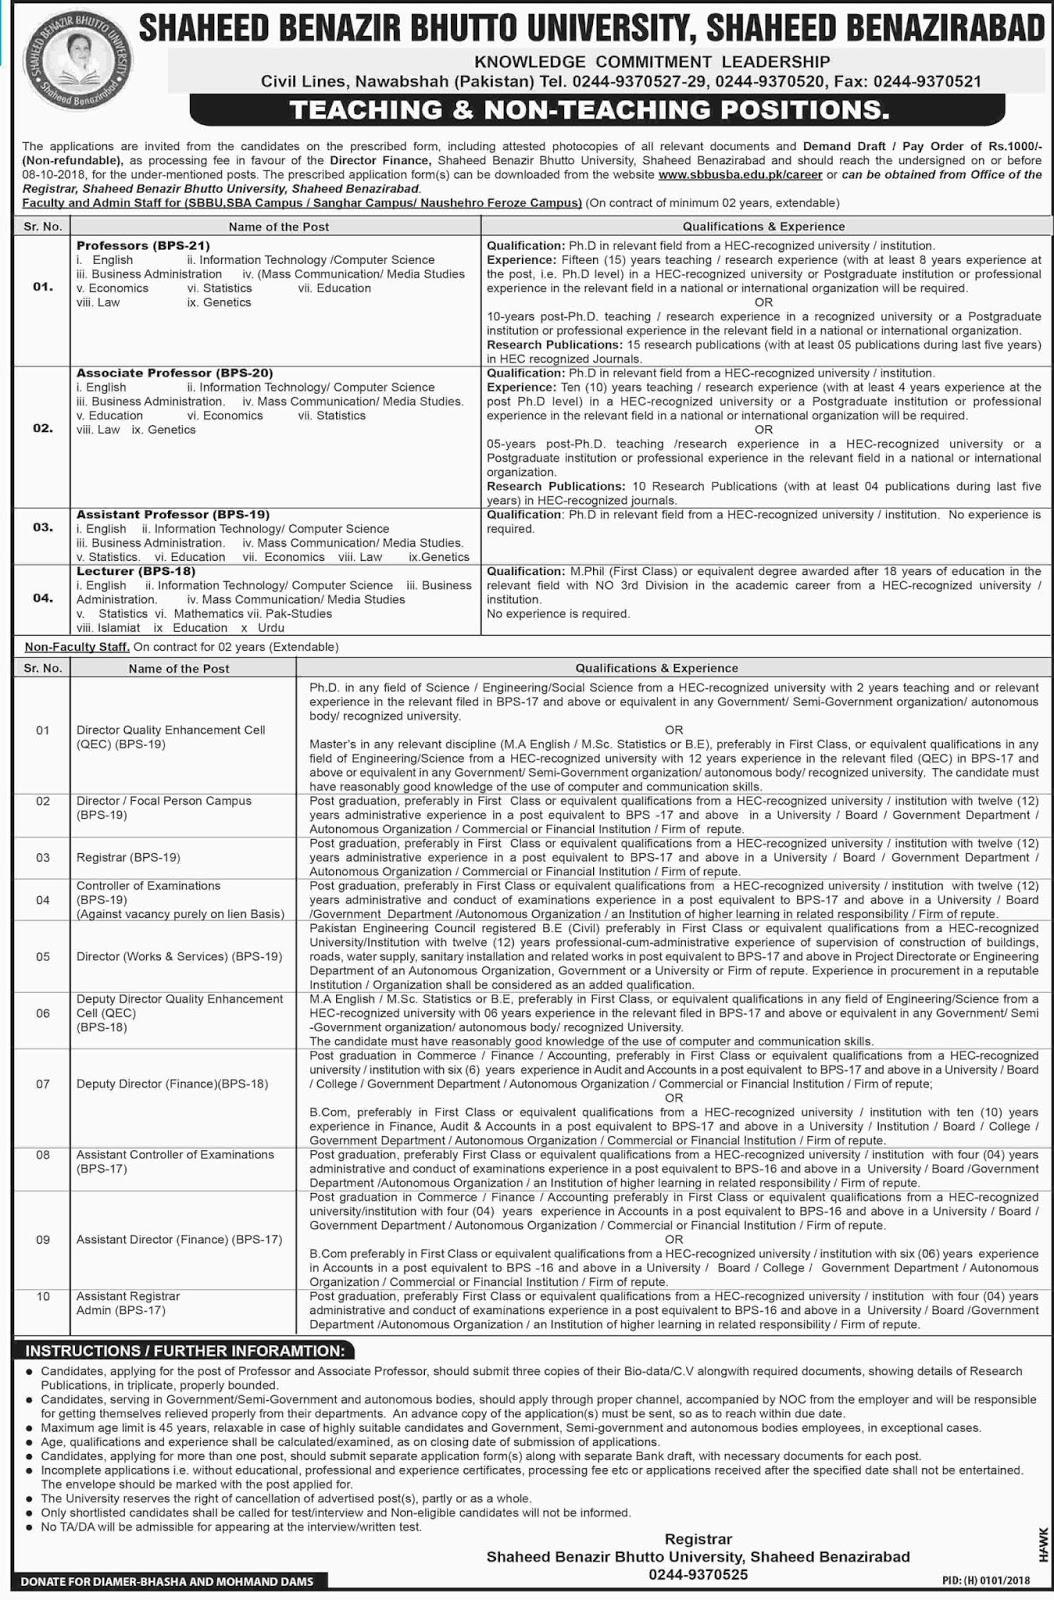 Teaching and Non-Teaching Jobs in Shaheed Benazir Bhutto University Benazirabad